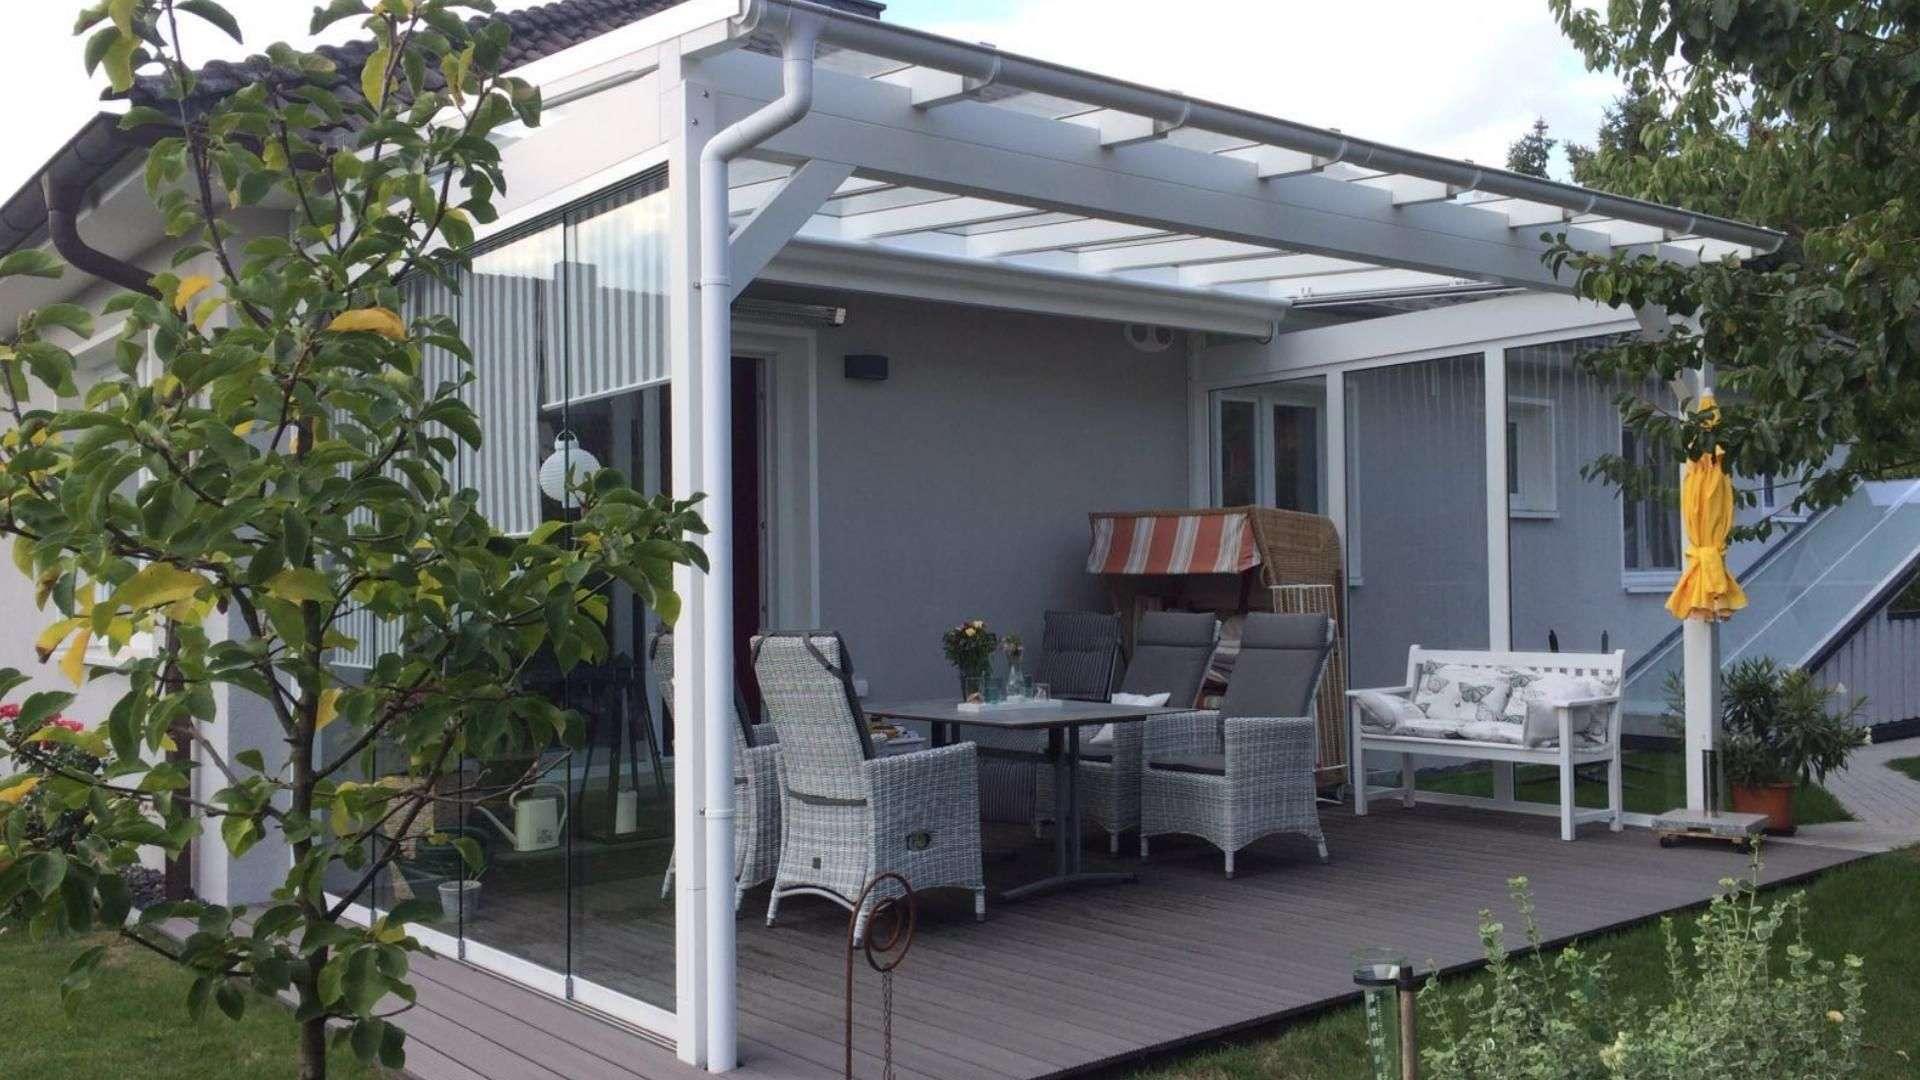 weißes Terrassendach mit Strandkorb auf der Terrasse eine Bungalows